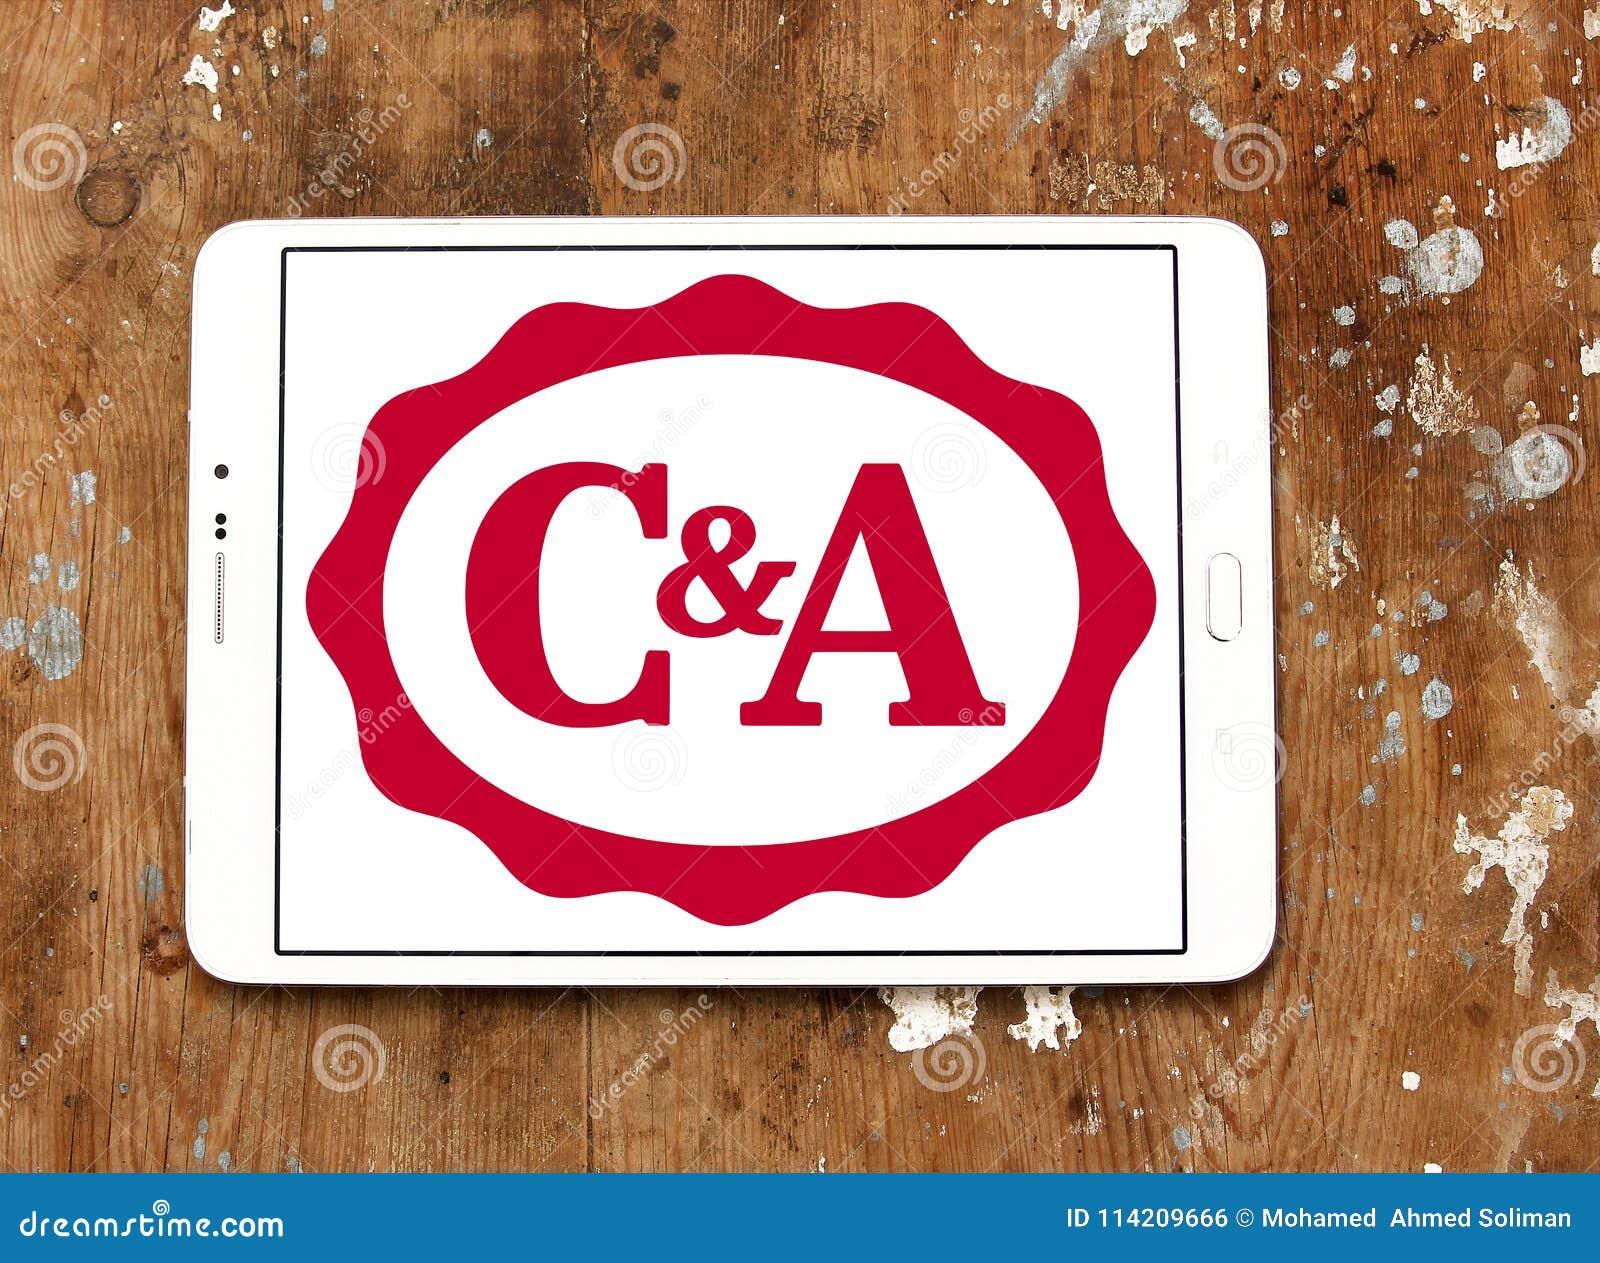 Logotipo Del Minorista De C A Foto Editorial Imagen De Minorista Logotipo 114209666